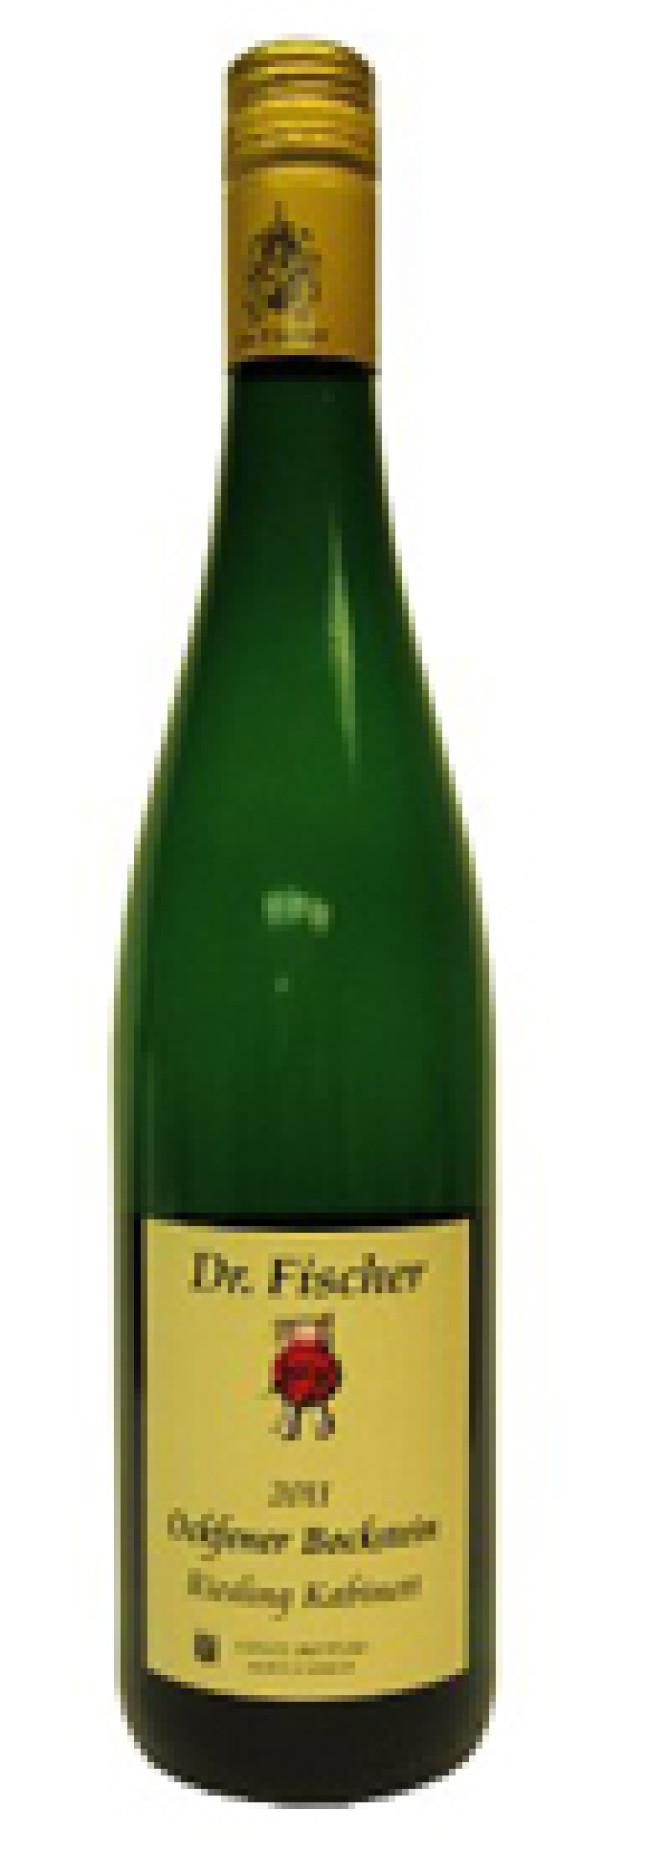 dr-fischer-ockfener-bockstein-kabinett-riesling-2011